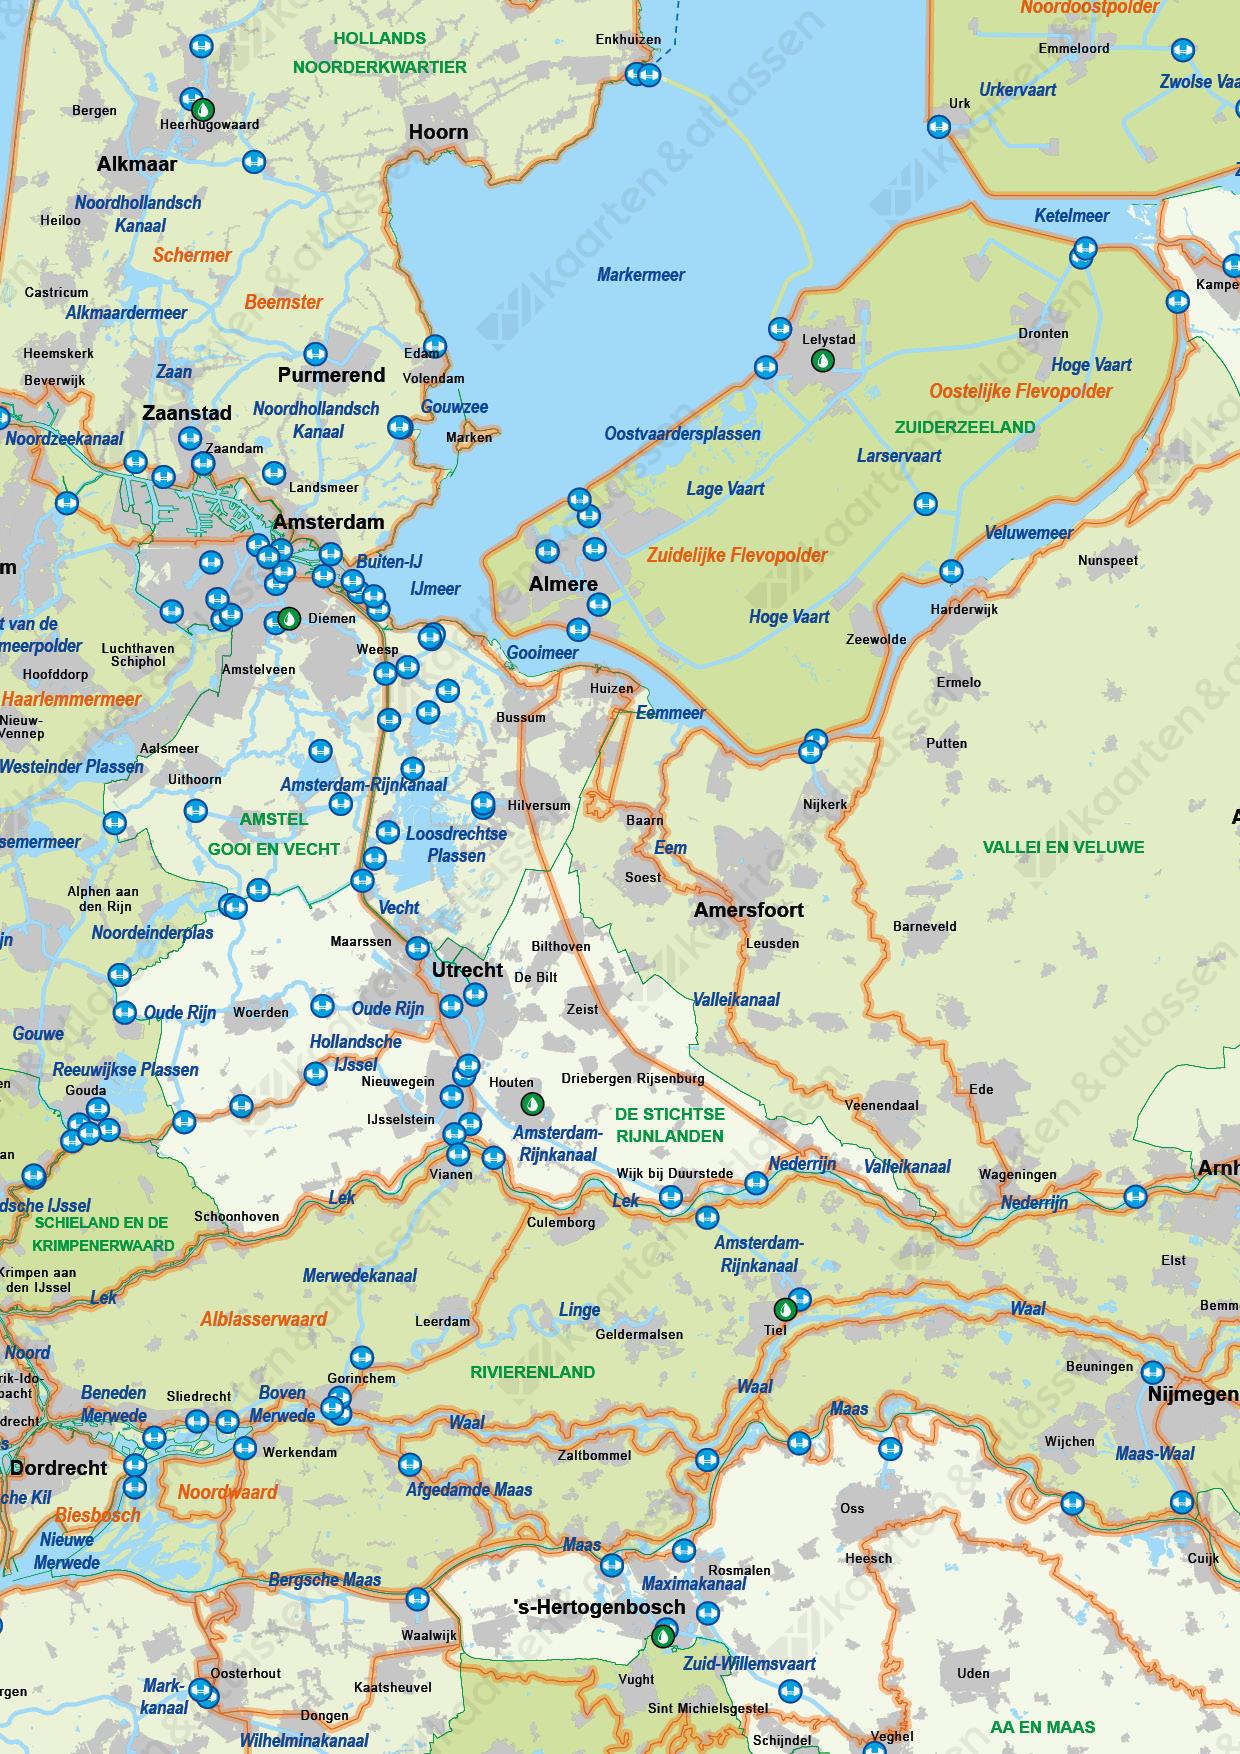 Waterkaart van Nederland